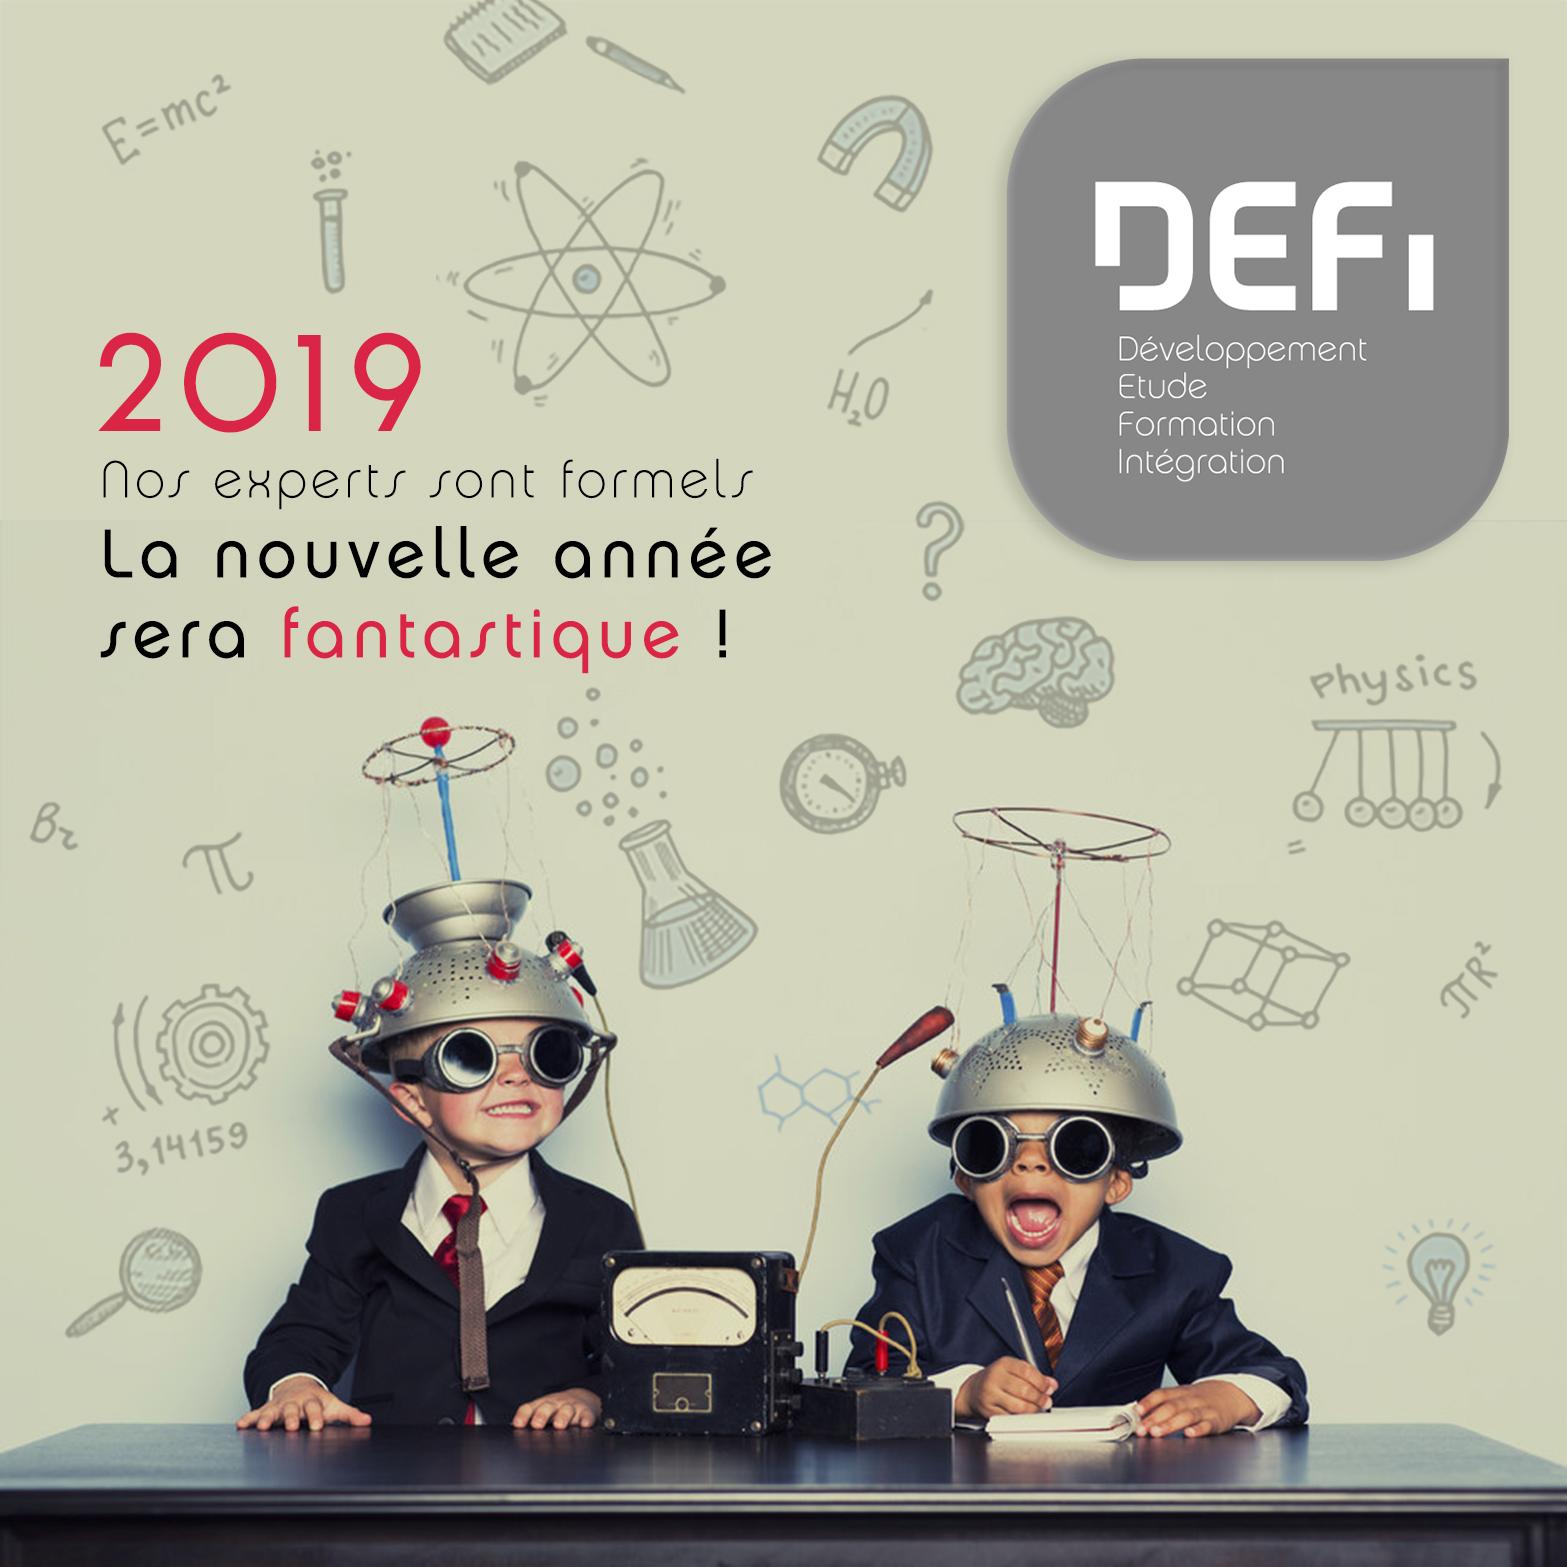 DEFI vous souhaite une excellente année 2019.